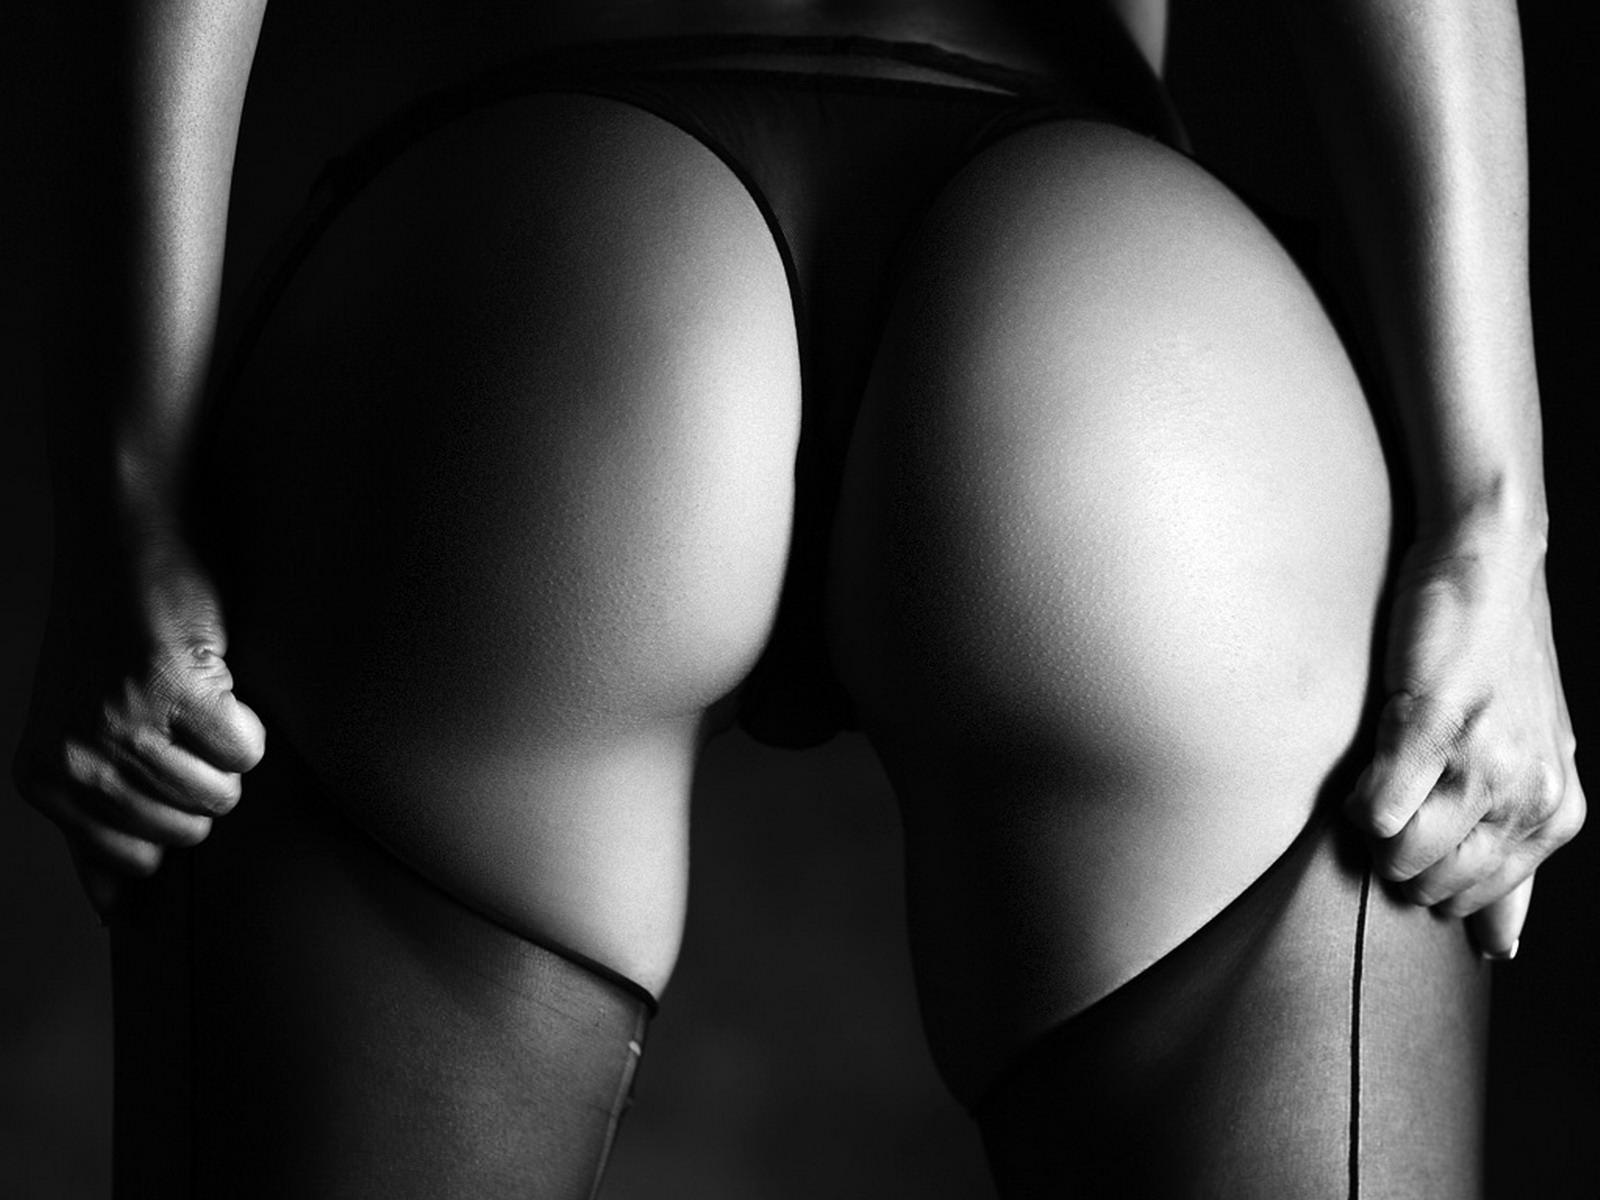 Секси белые попки 15 фотография